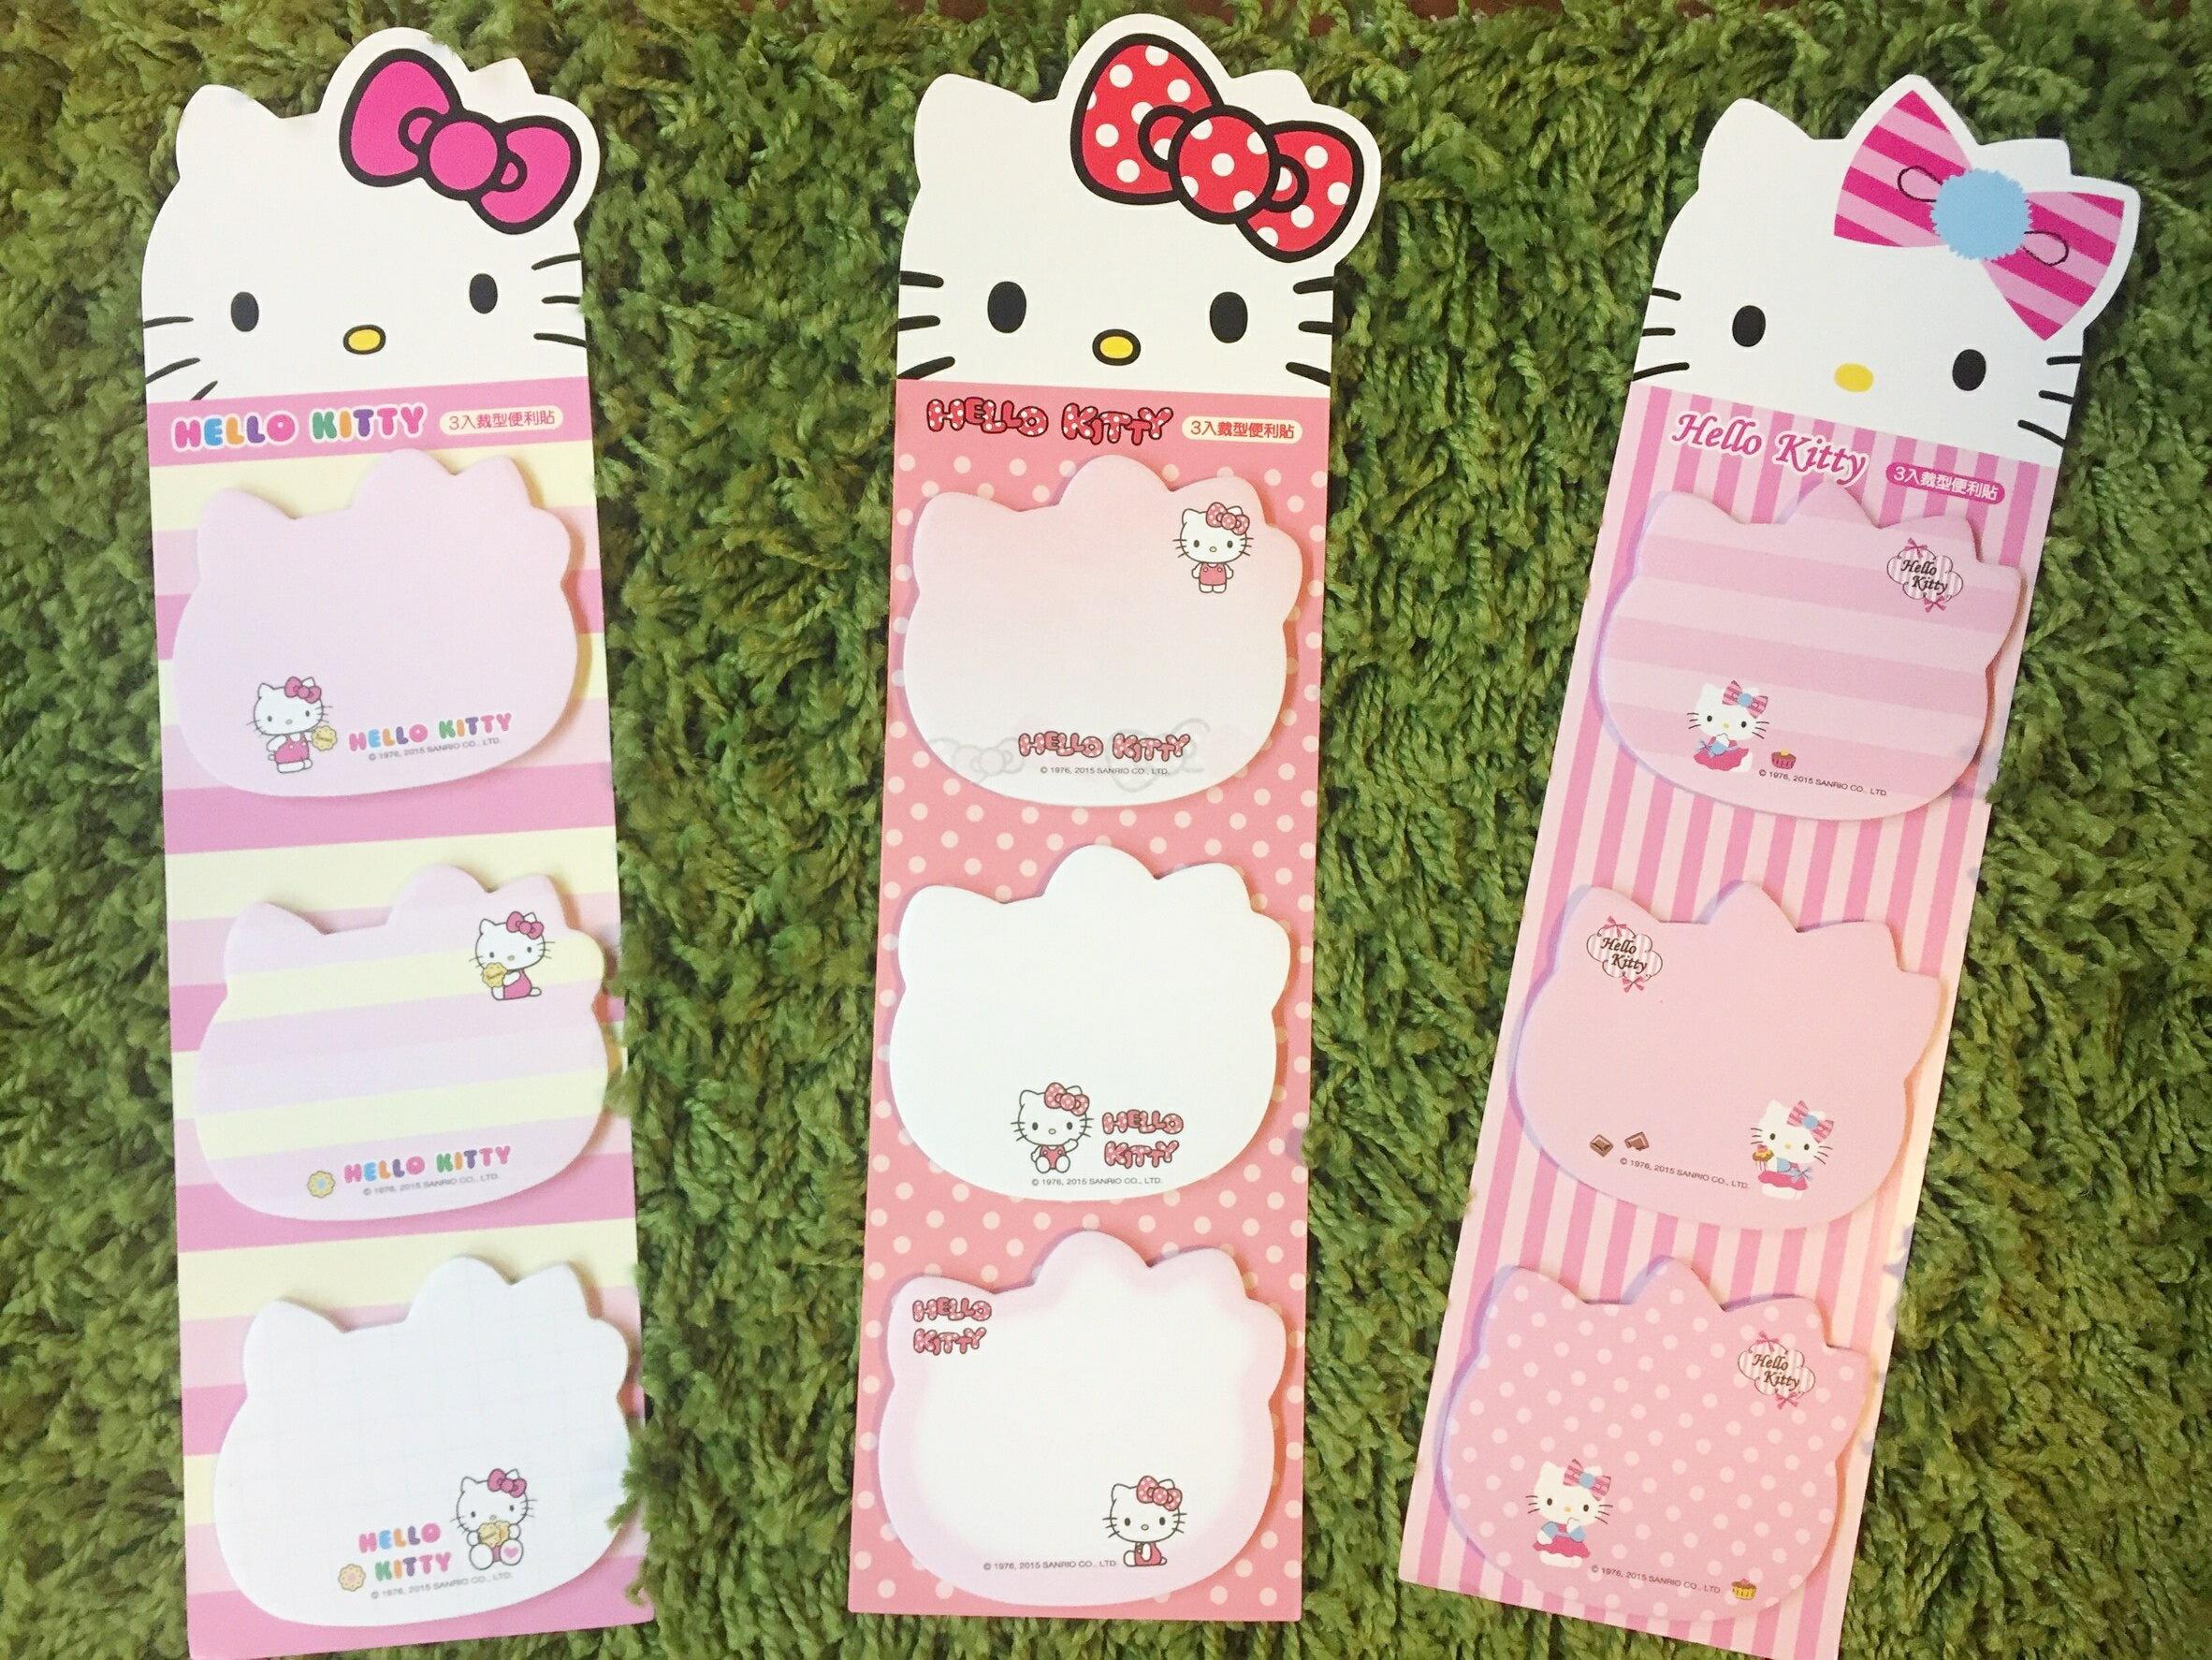 【真愛日本】16041500002KT3入臉型便條貼-三款 三麗鷗 Hello Kitty 凱蒂貓  便利貼 便條紙 文具